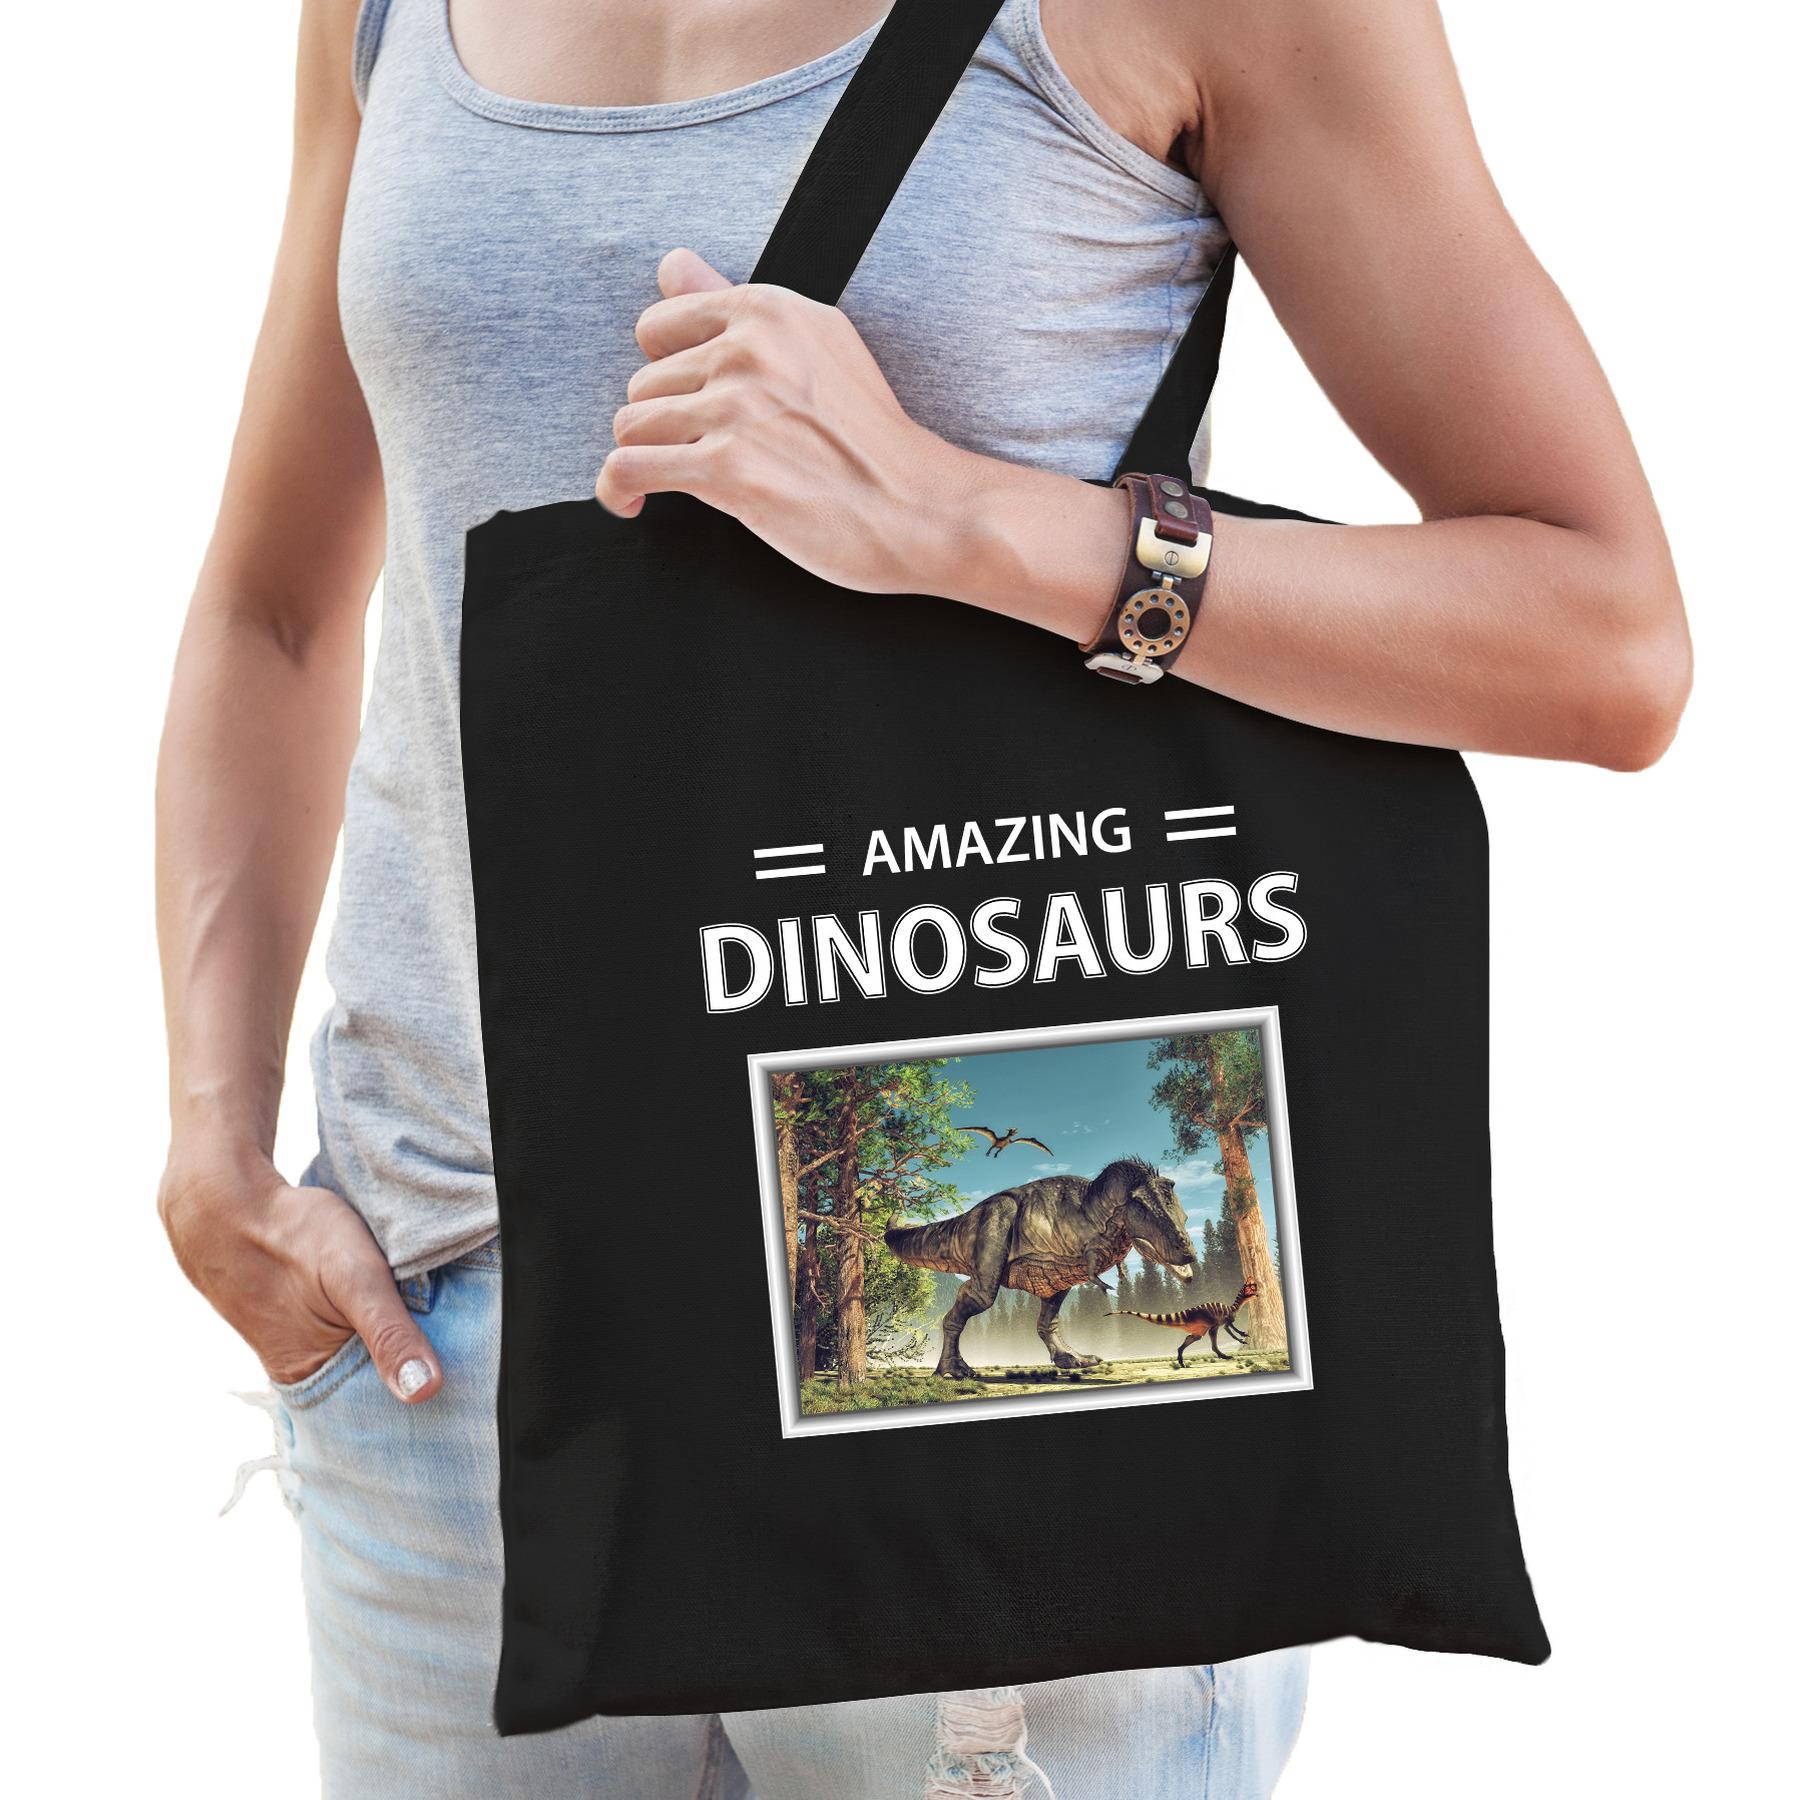 Katoenen tasje T-rex dinosaurus zwart - amazing dinosaurs T-rex dino cadeau tas